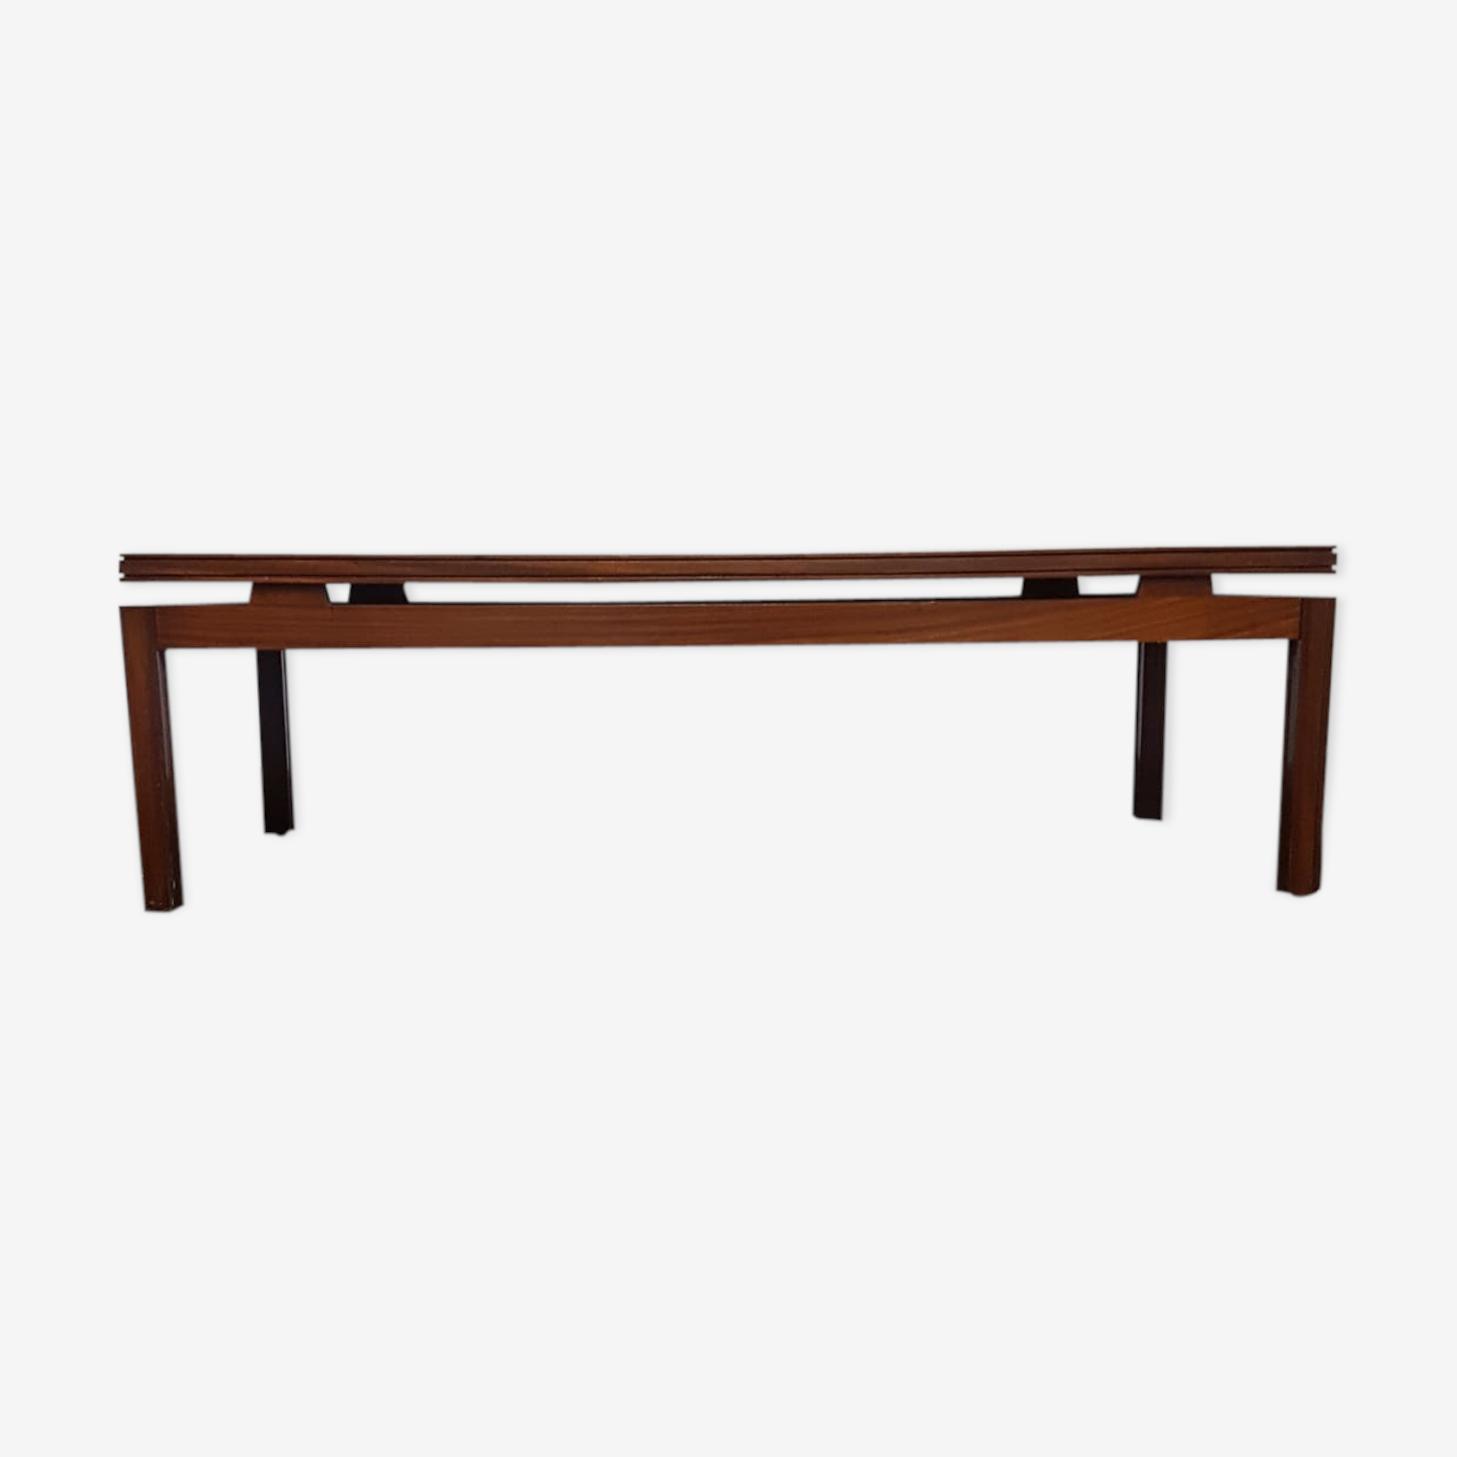 Table basse en teck, milieu du siècle, design scandinave 60s/70s